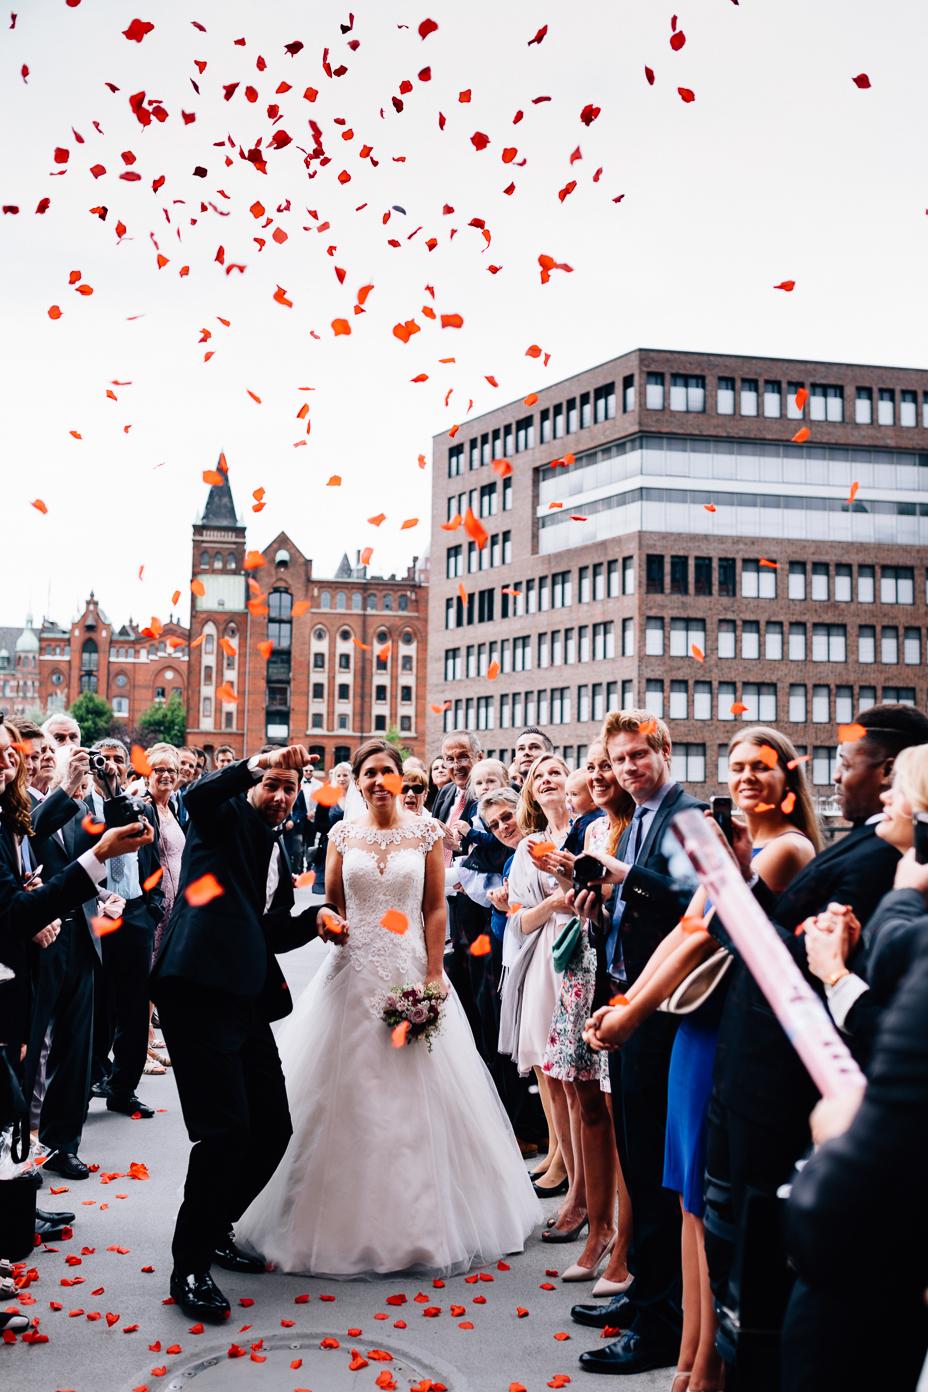 Ein Tag in Hamburg`s Speicherstadt Hochzeitsreportage Hamburg Kaispeicher B Deck 10 Alster Hochzeitsfotograf Konfettikanone